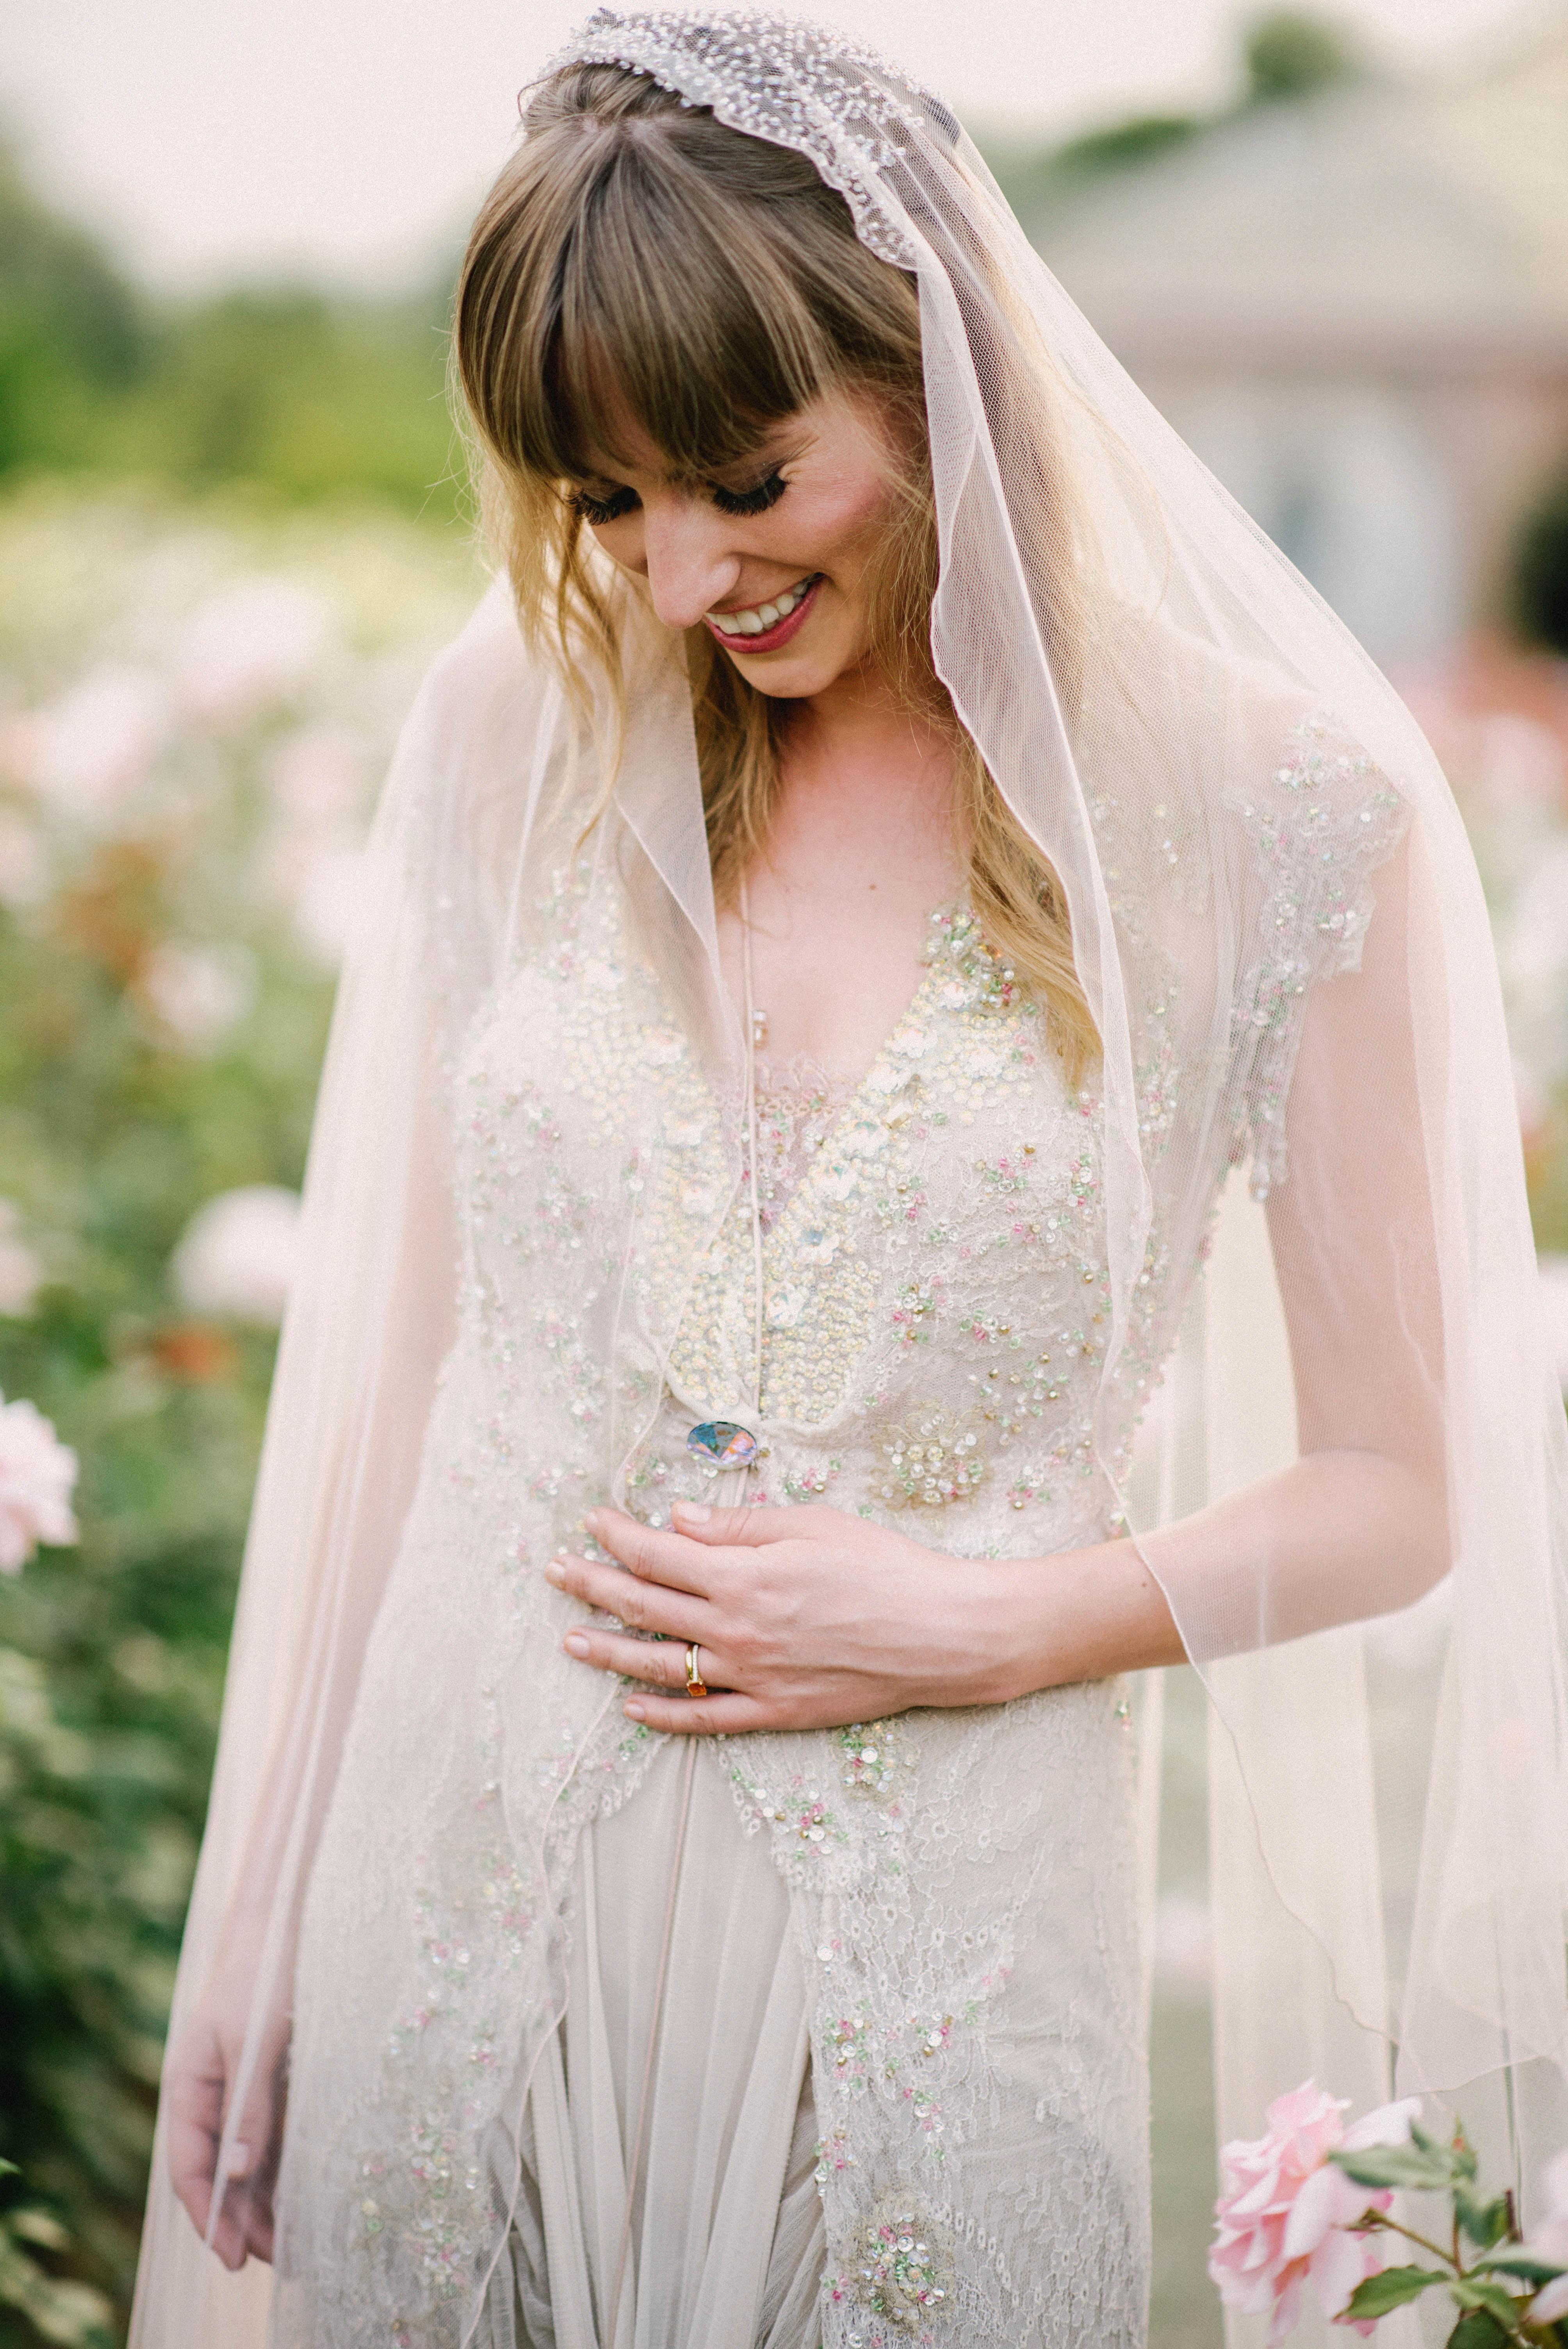 bride in sparkling wedding dress